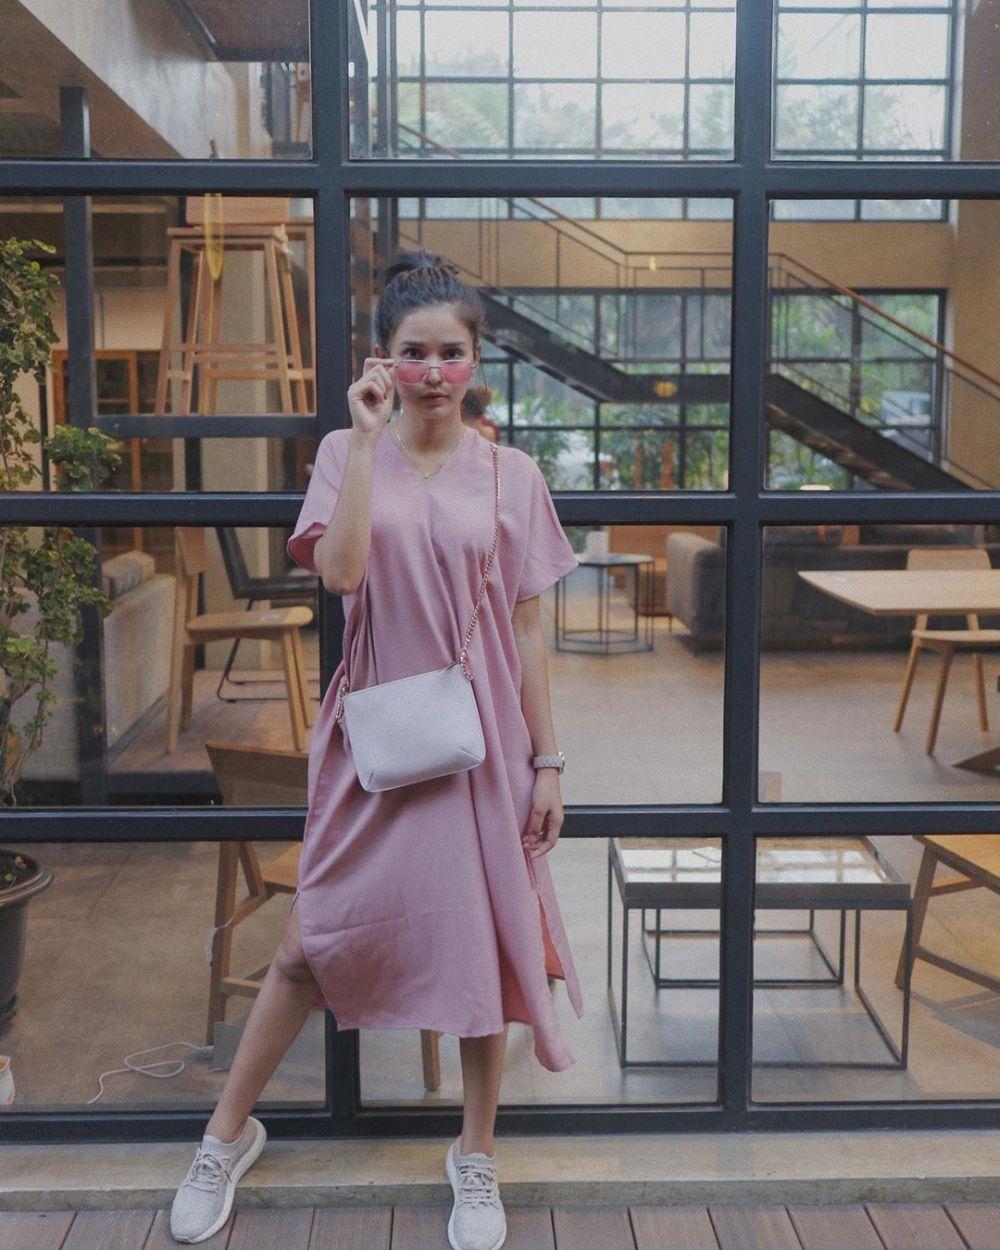 Gaya pemeran FTV Suara Hati Istri Instagram